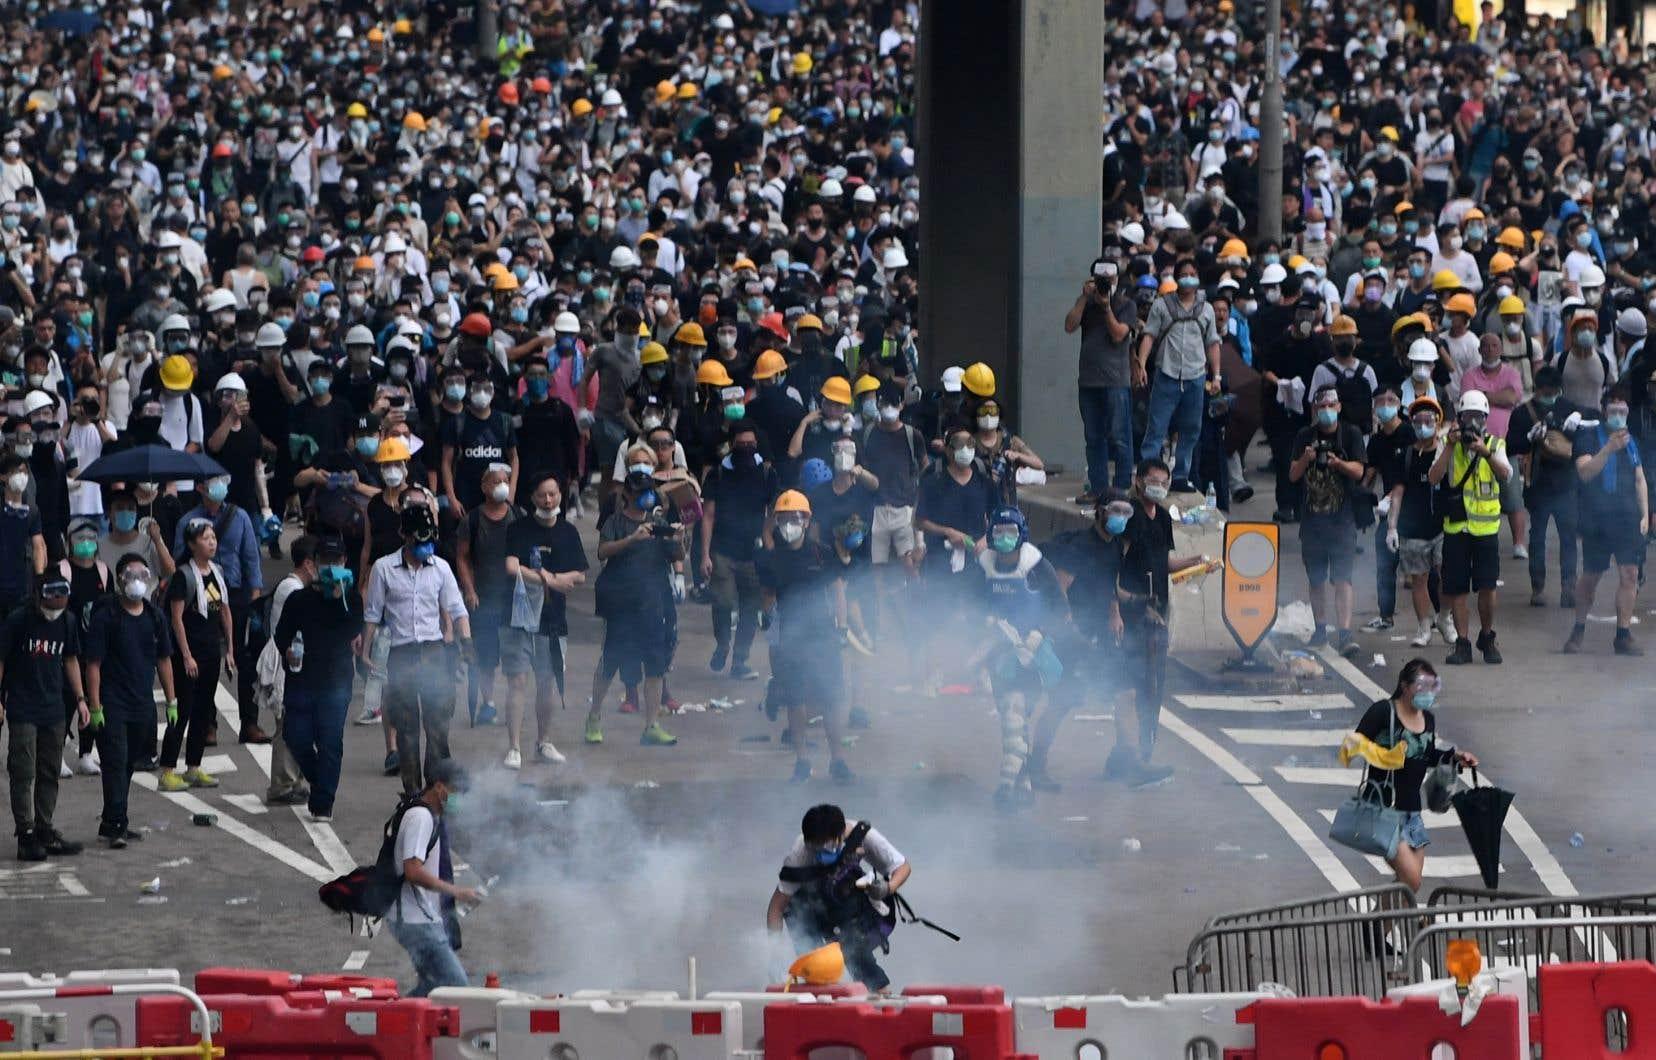 <p>La police a fait usage de balles en caoutchouc et de gaz lacrymogène pour repousser la foule des manifestants vêtus de noir, pour la plupart des jeunes et notamment des étudiants.</p>